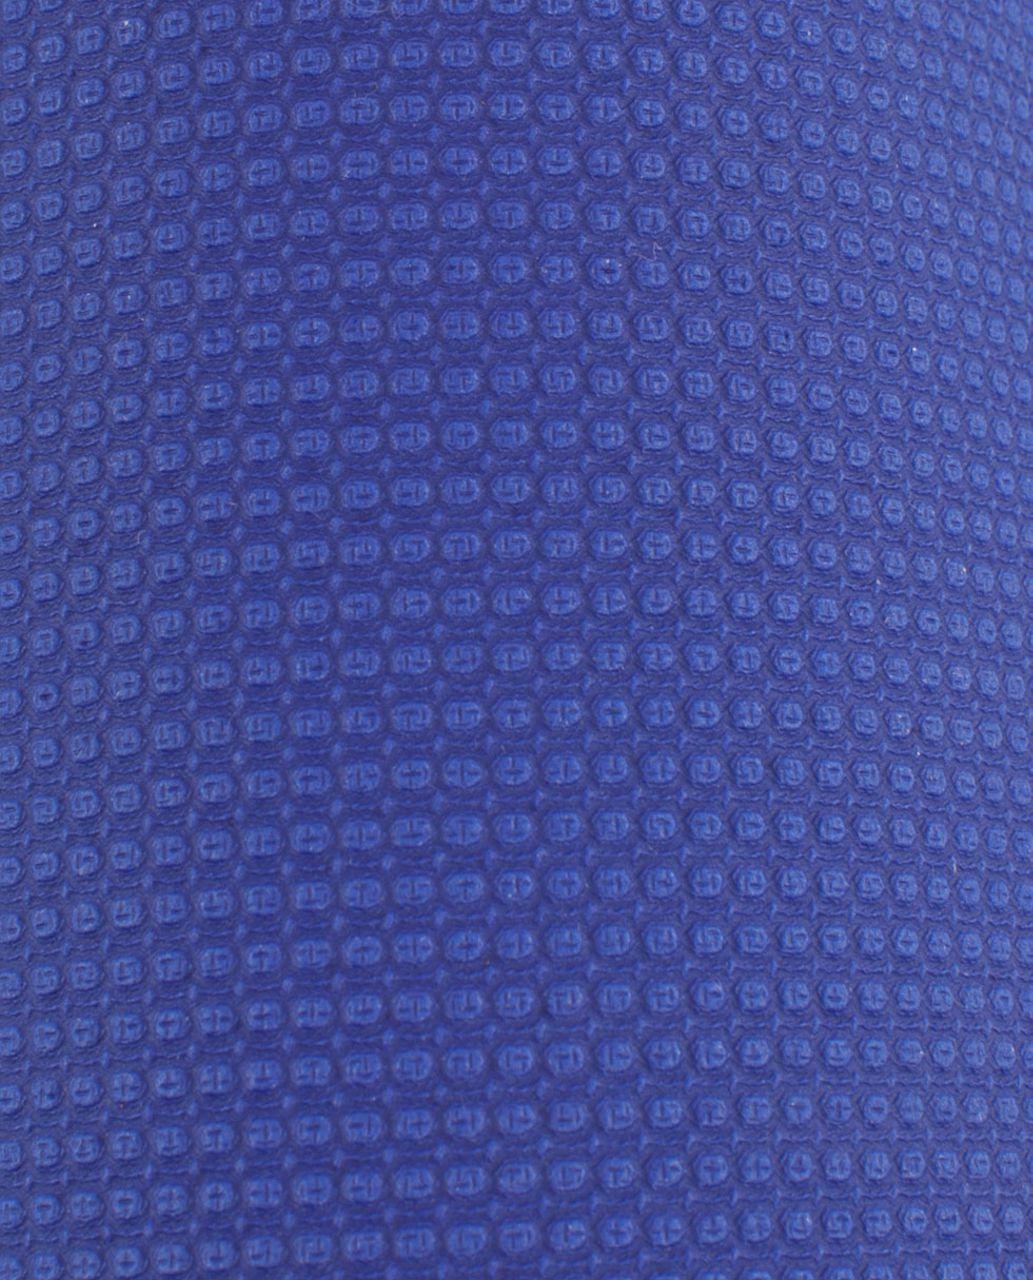 Lululemon Align Ultra Mat - Pigment Blue /  Deep Coal